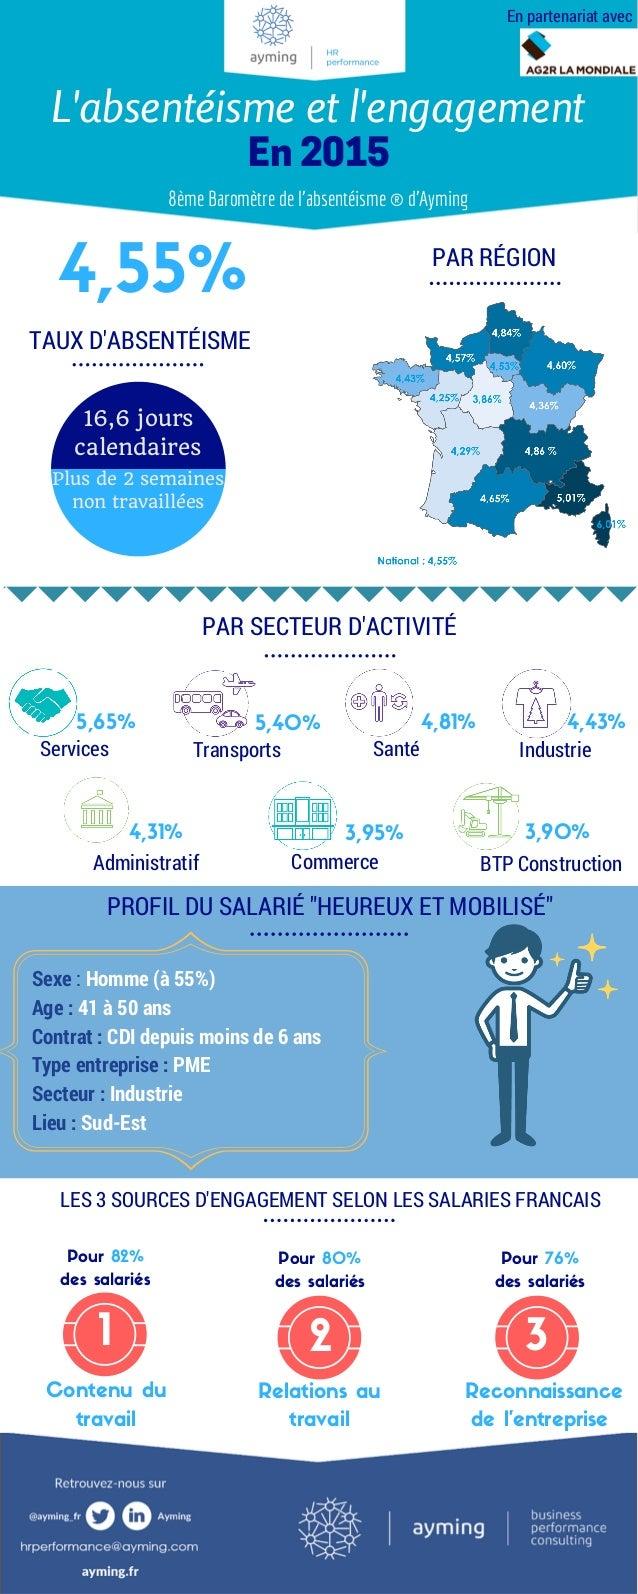 """4,55% TAUX D'ABSENTÉISME PAR RÉGION PAR SECTEUR D'ACTIVITÉ PROFIL DU SALARIÉ """"HEUREUX ET MOBILISÉ"""" LES 3 SOURCES D'ENGAGEM..."""